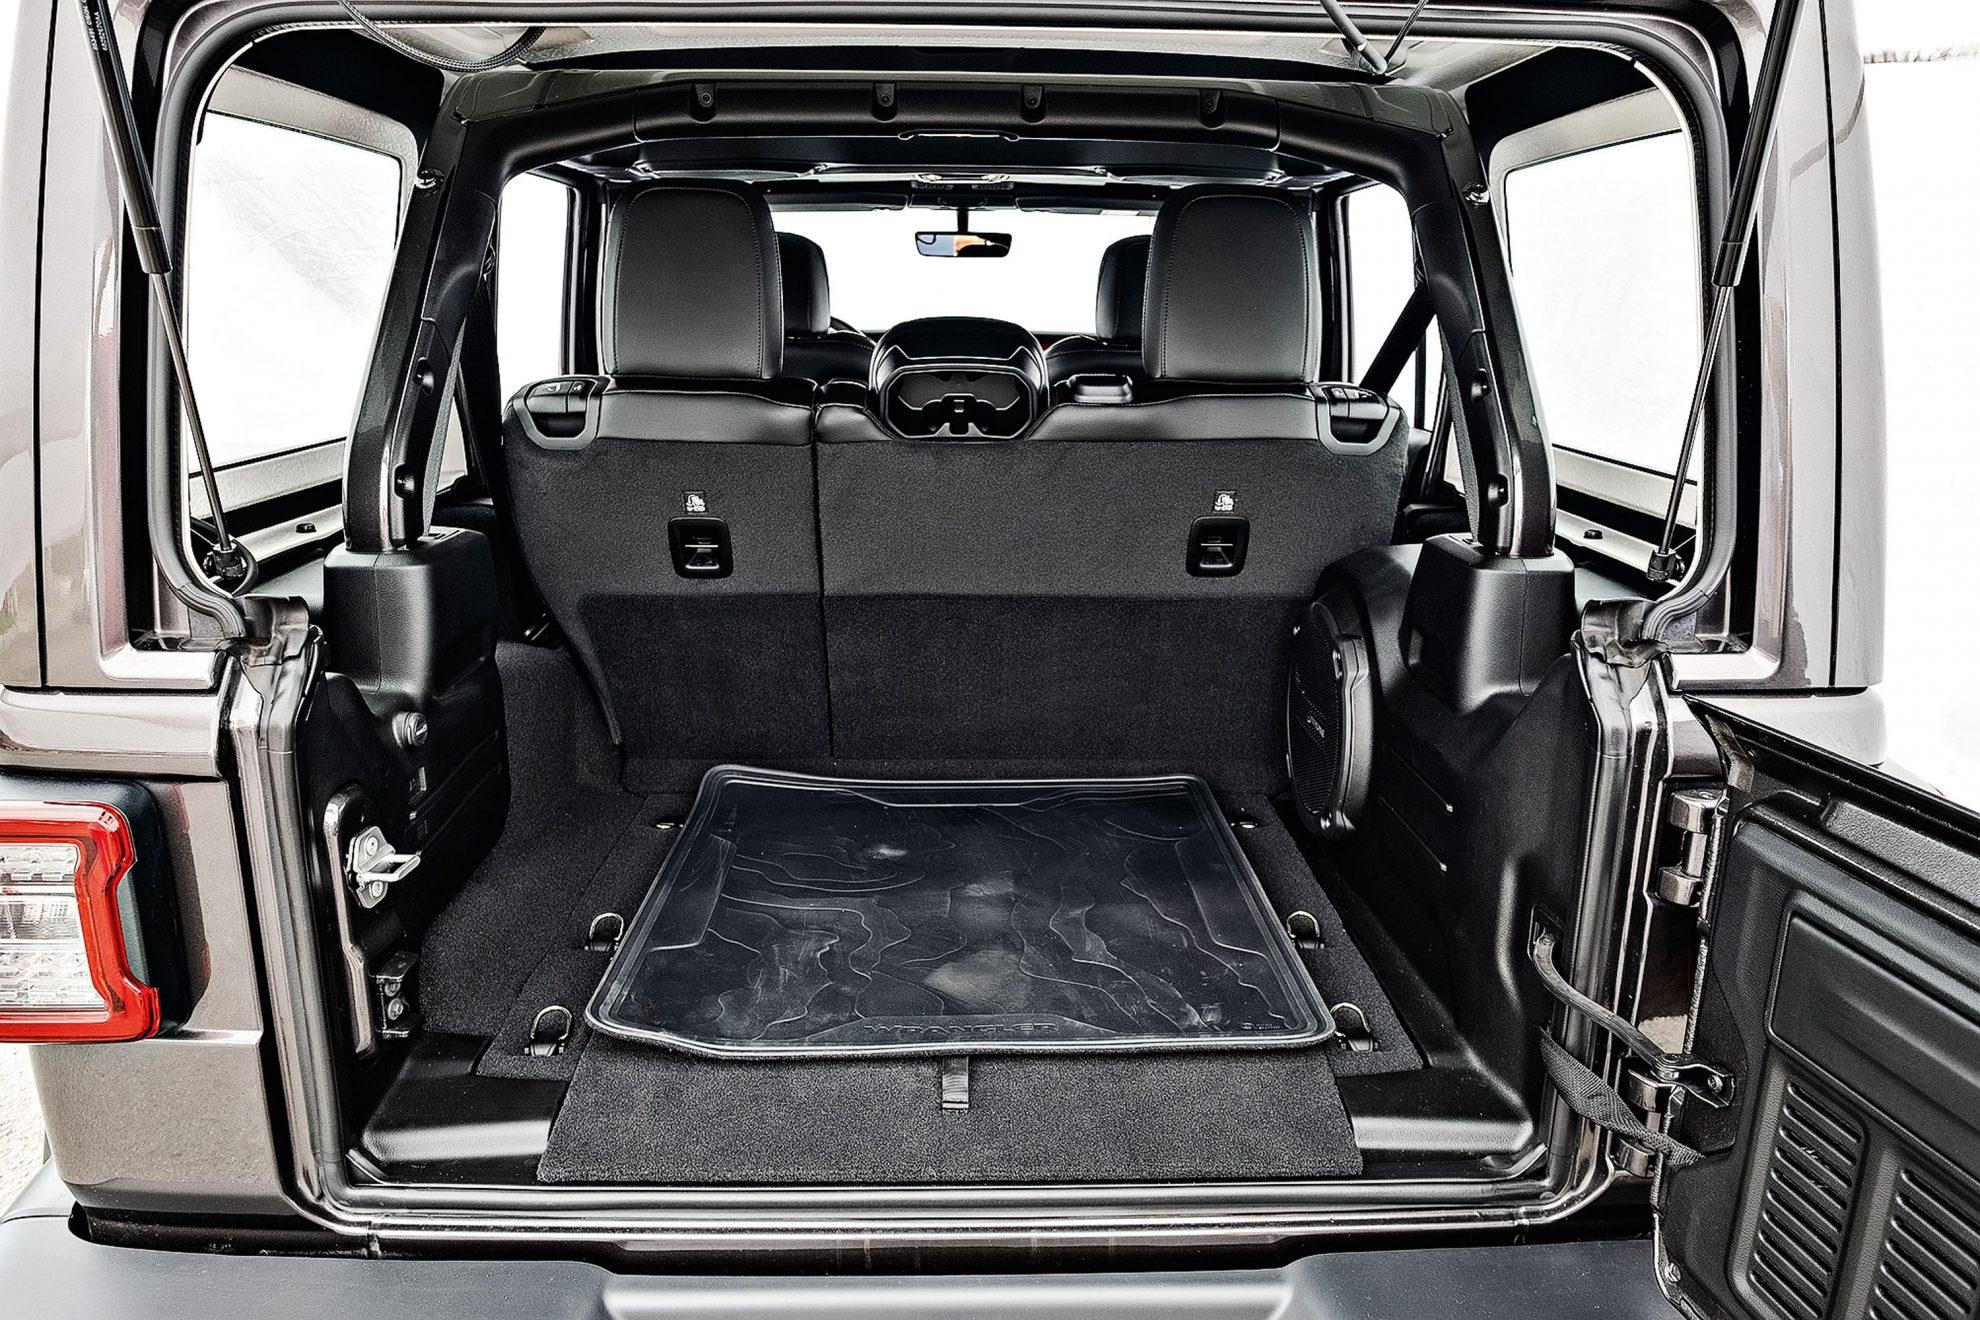 Porta-malas tem capacidade de 498 litros, sem rebater os bancos.